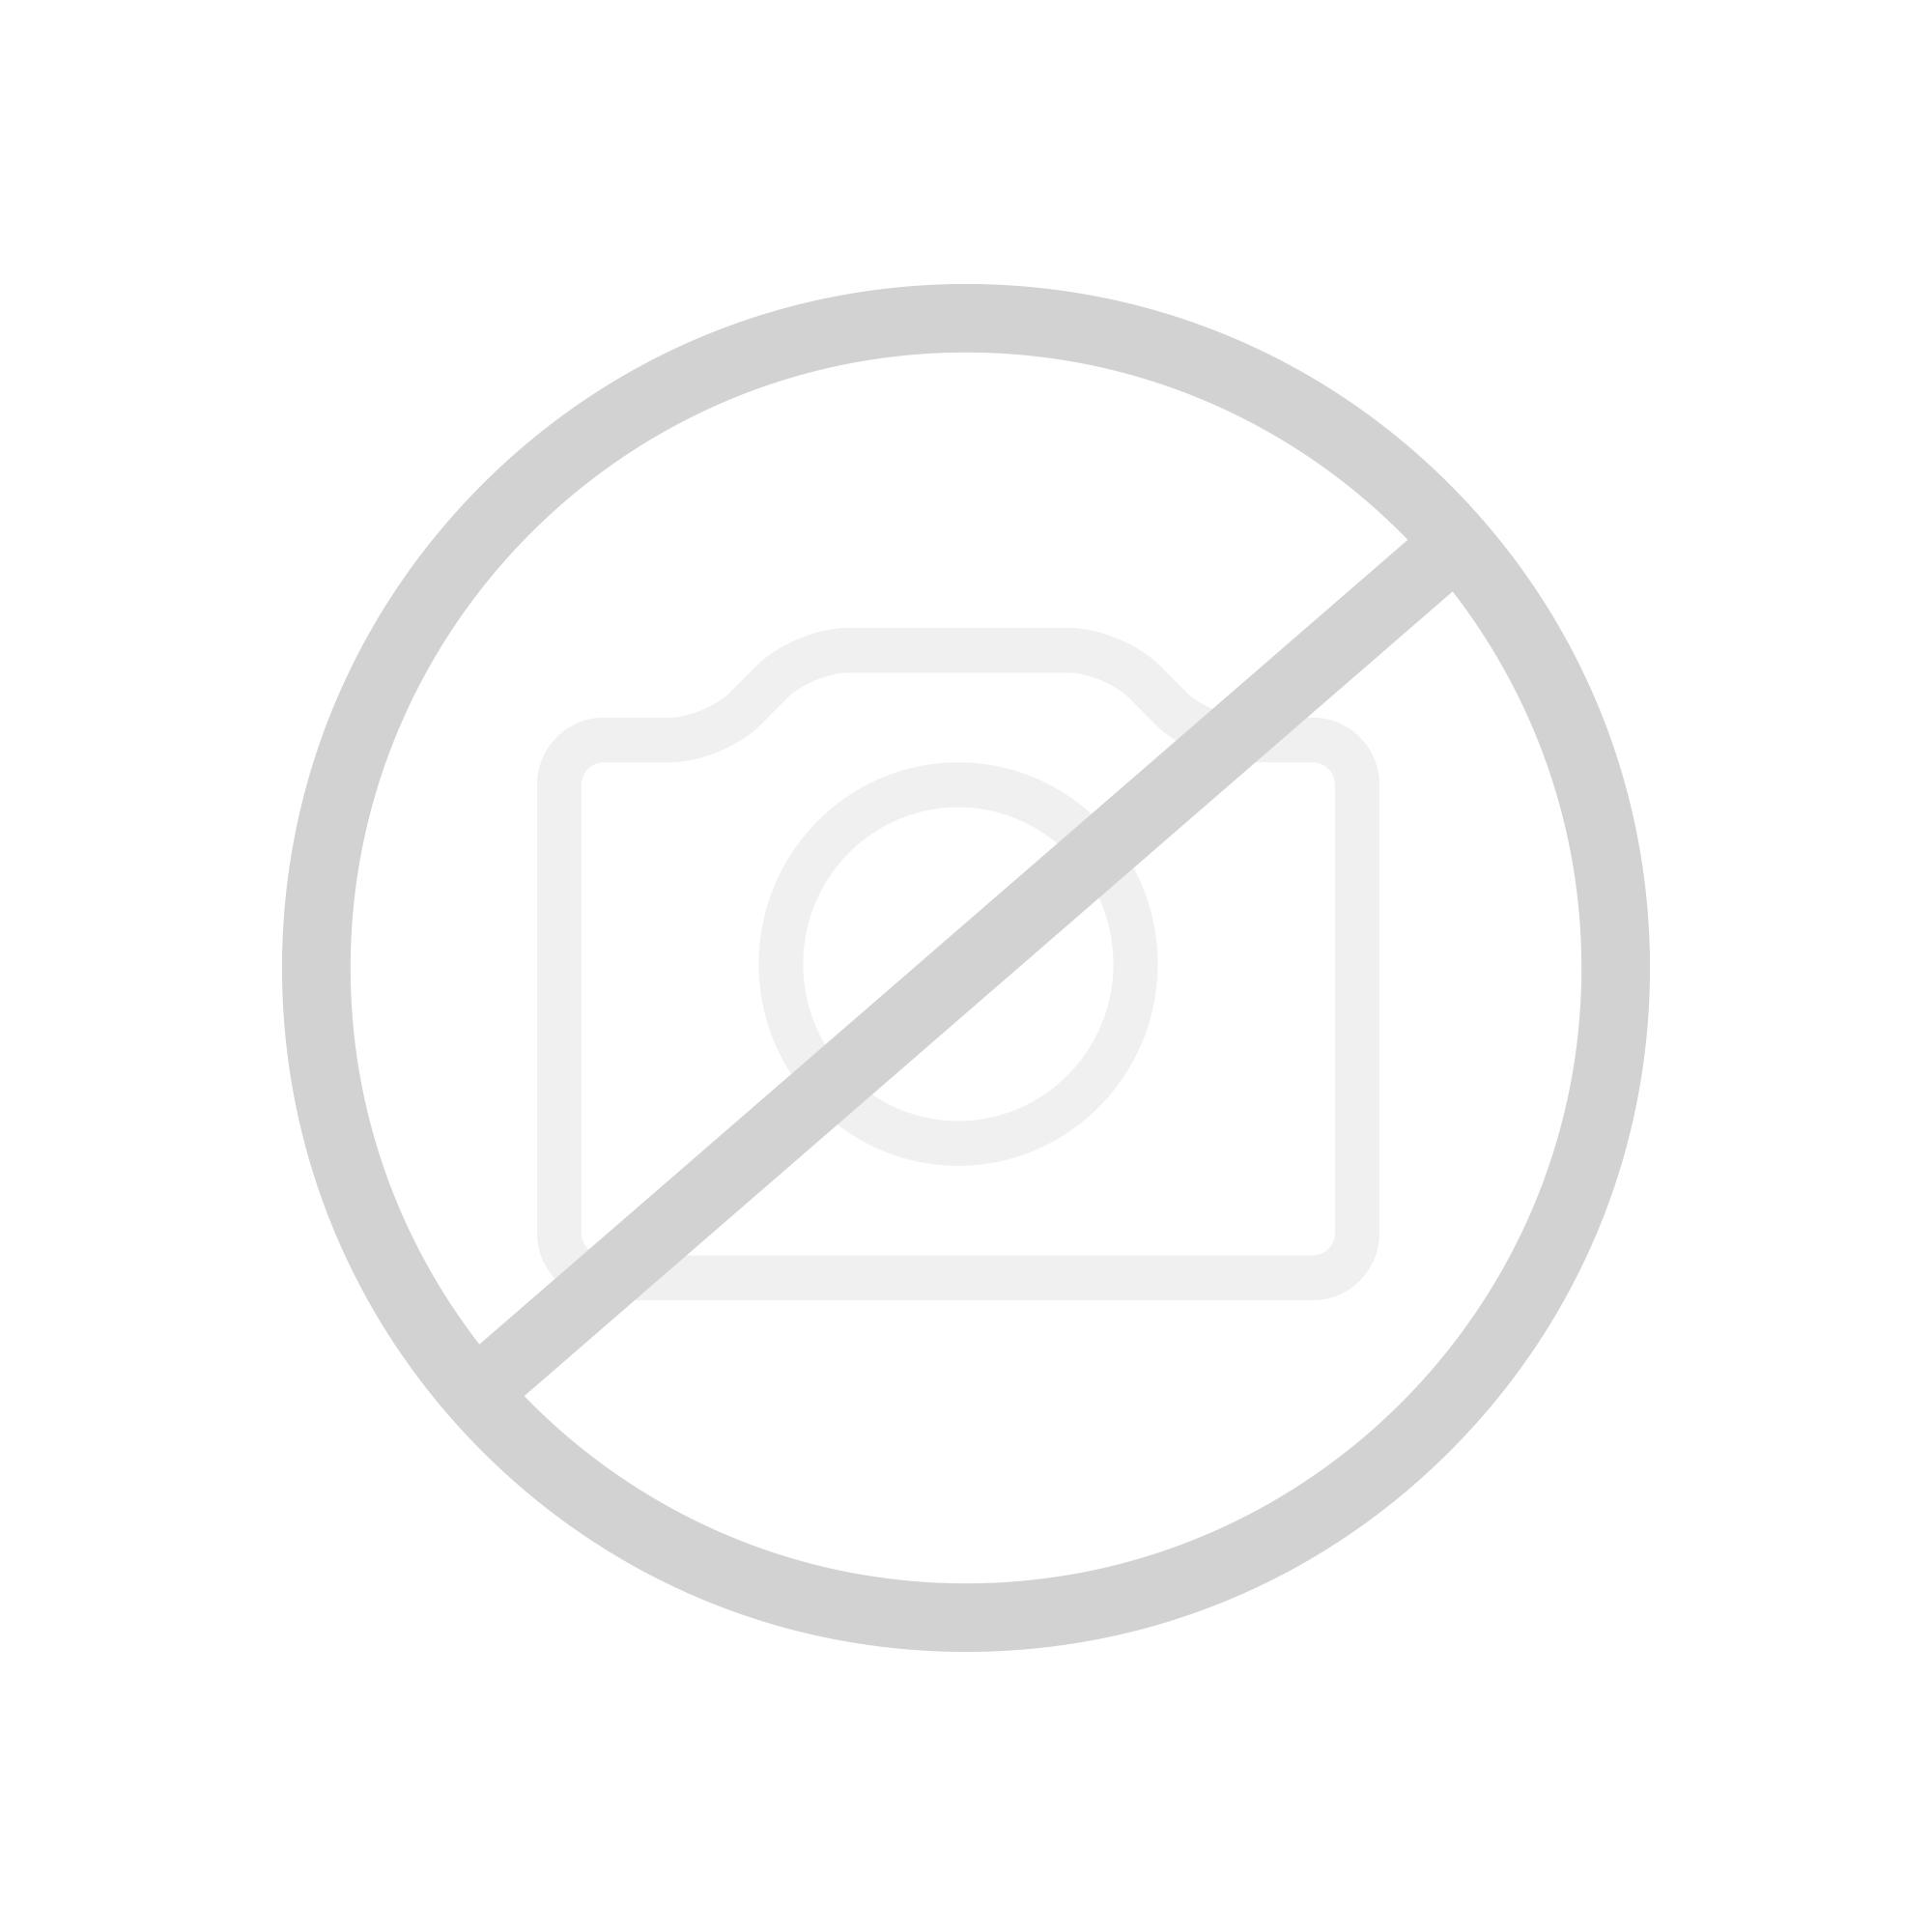 Taupe im Badezimmer - die schönsten Ideen | REUTER Magazin